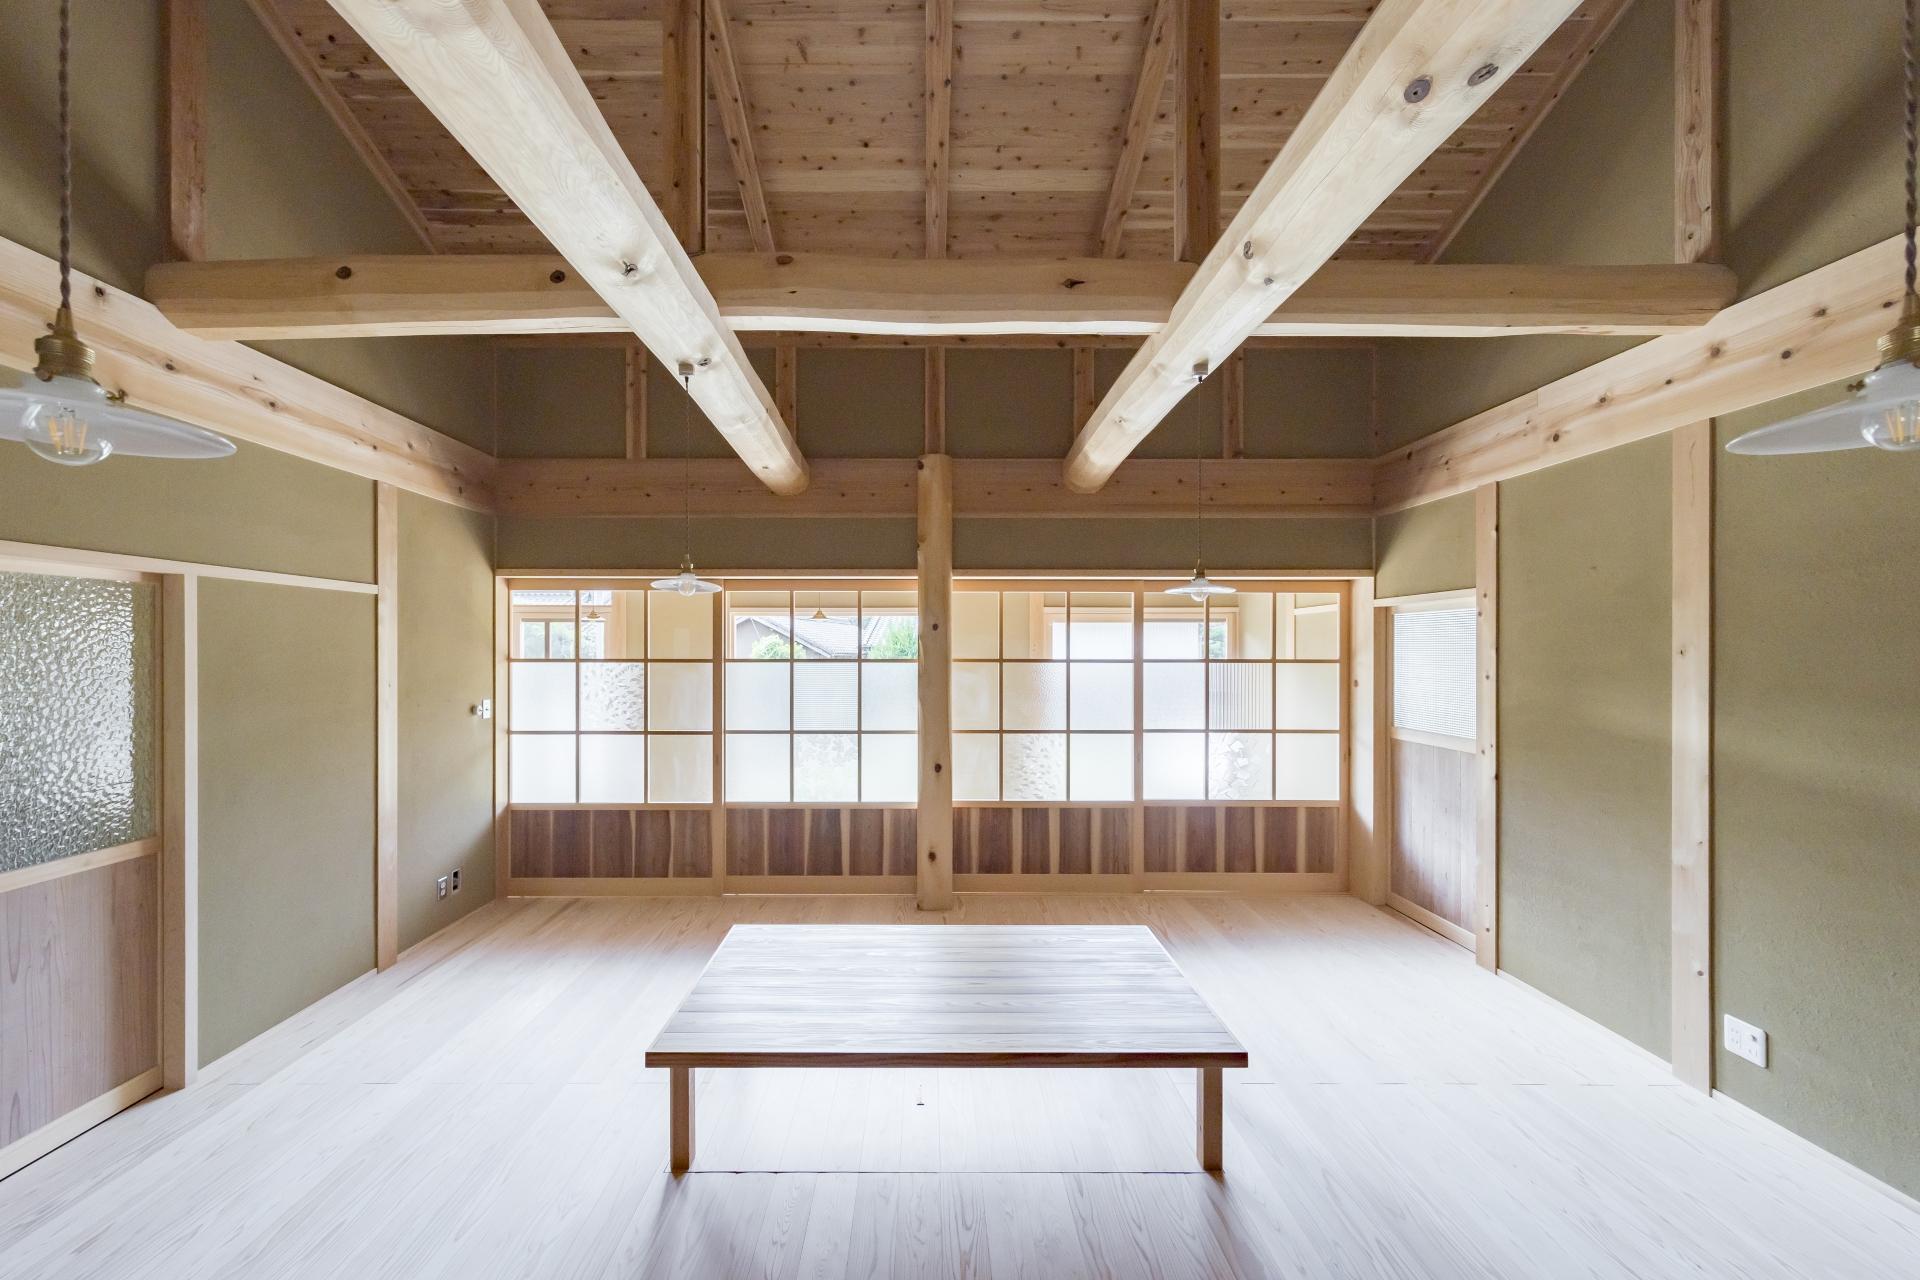 WOODLIFE style 丸守木材【子育て、自然素材、平屋】リビングに寝転がると、趣のある丸太組みの天井が、仕事の疲れや時間を忘れさせてくれる。レトロな建具は建具職人さんの手作り。ガラスもこだわりの1枚